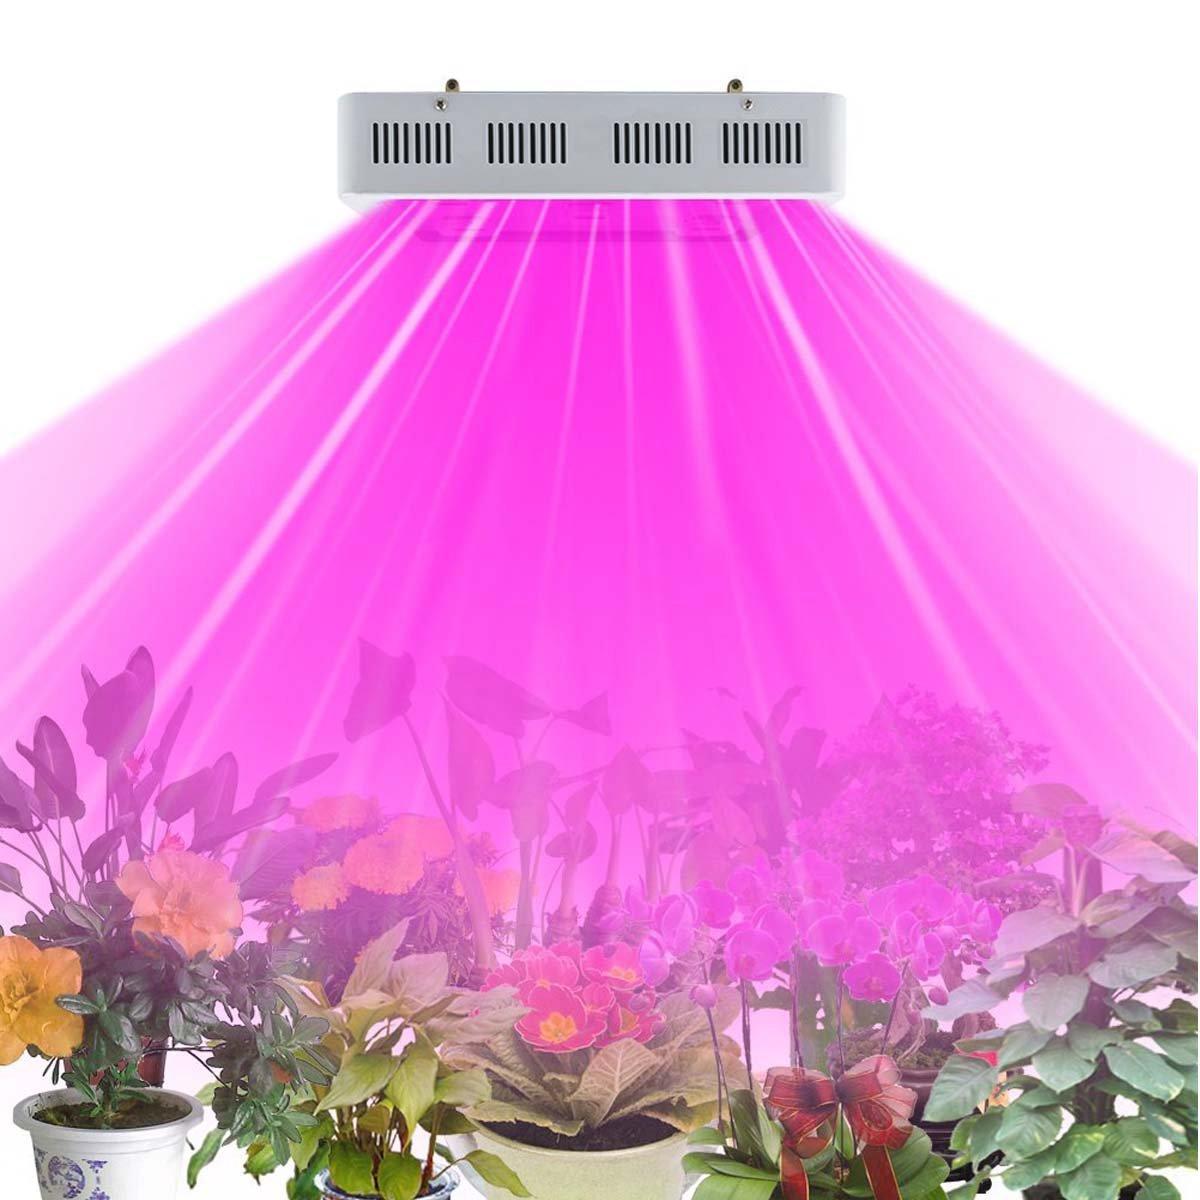 Amazon.com : HollandStar LED Grow Light Full Spectrum 1000 Watt ...